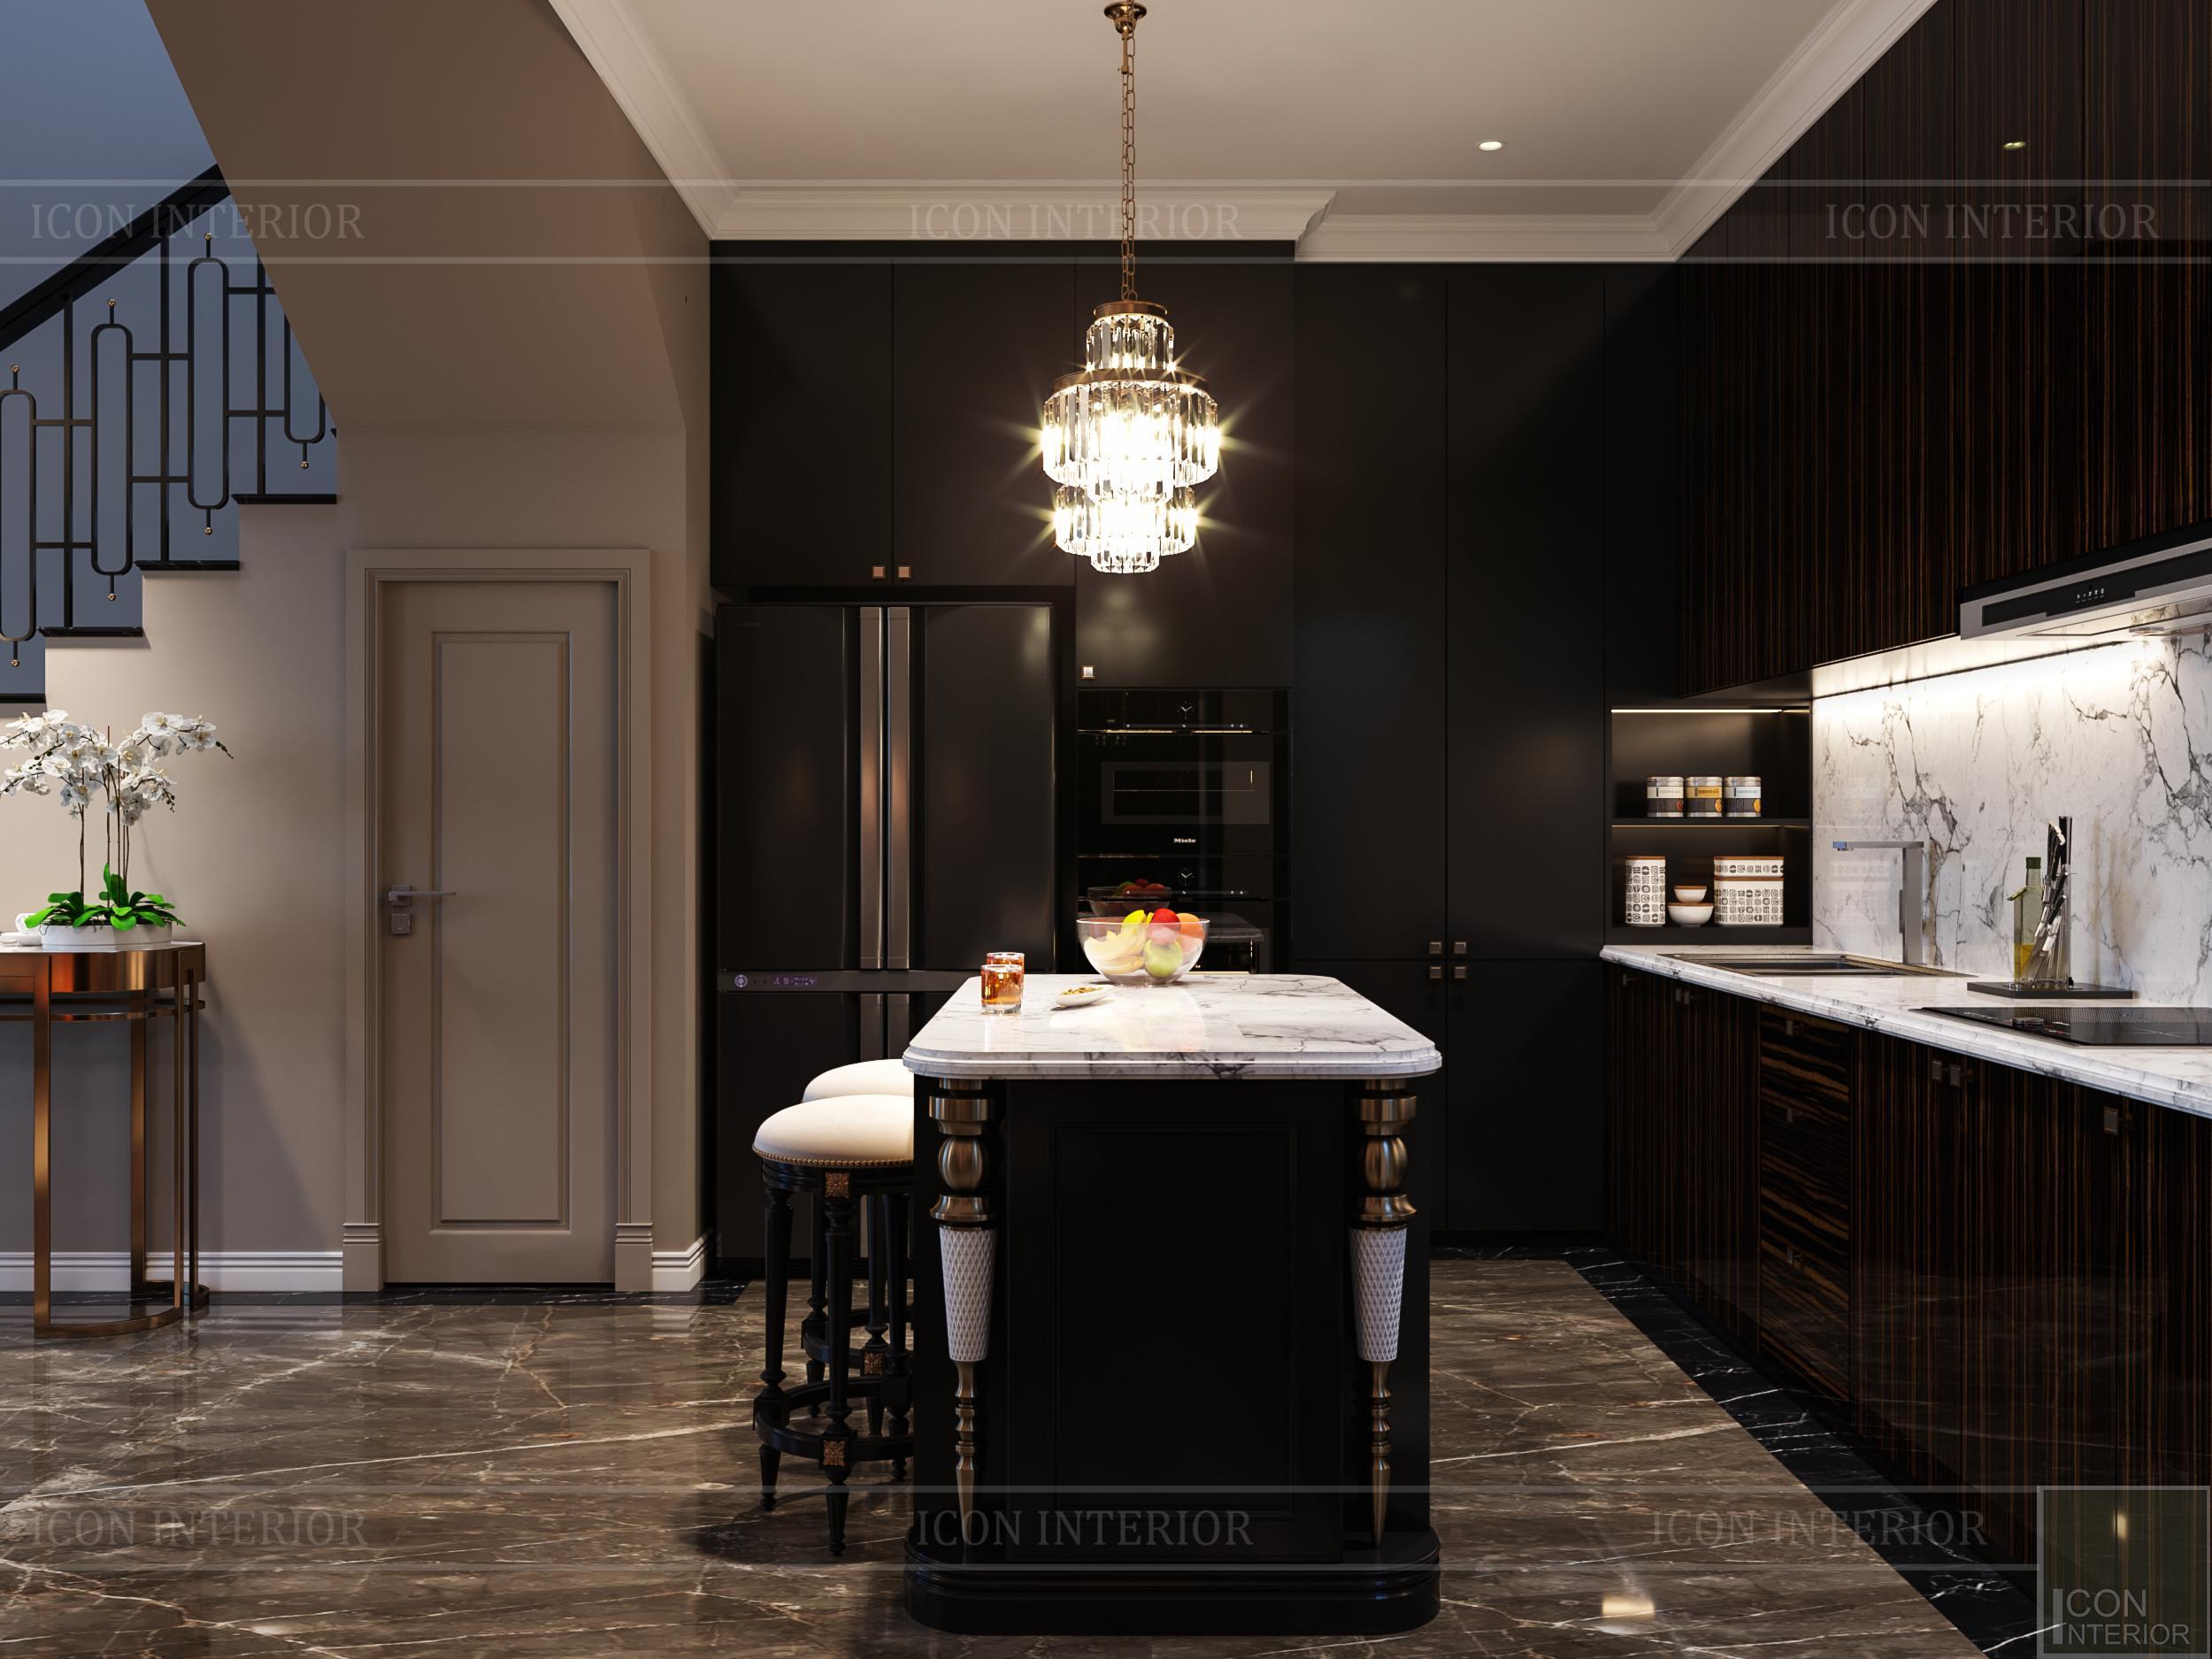 thiết kế nội thất đẳng cấp - đảo bếp